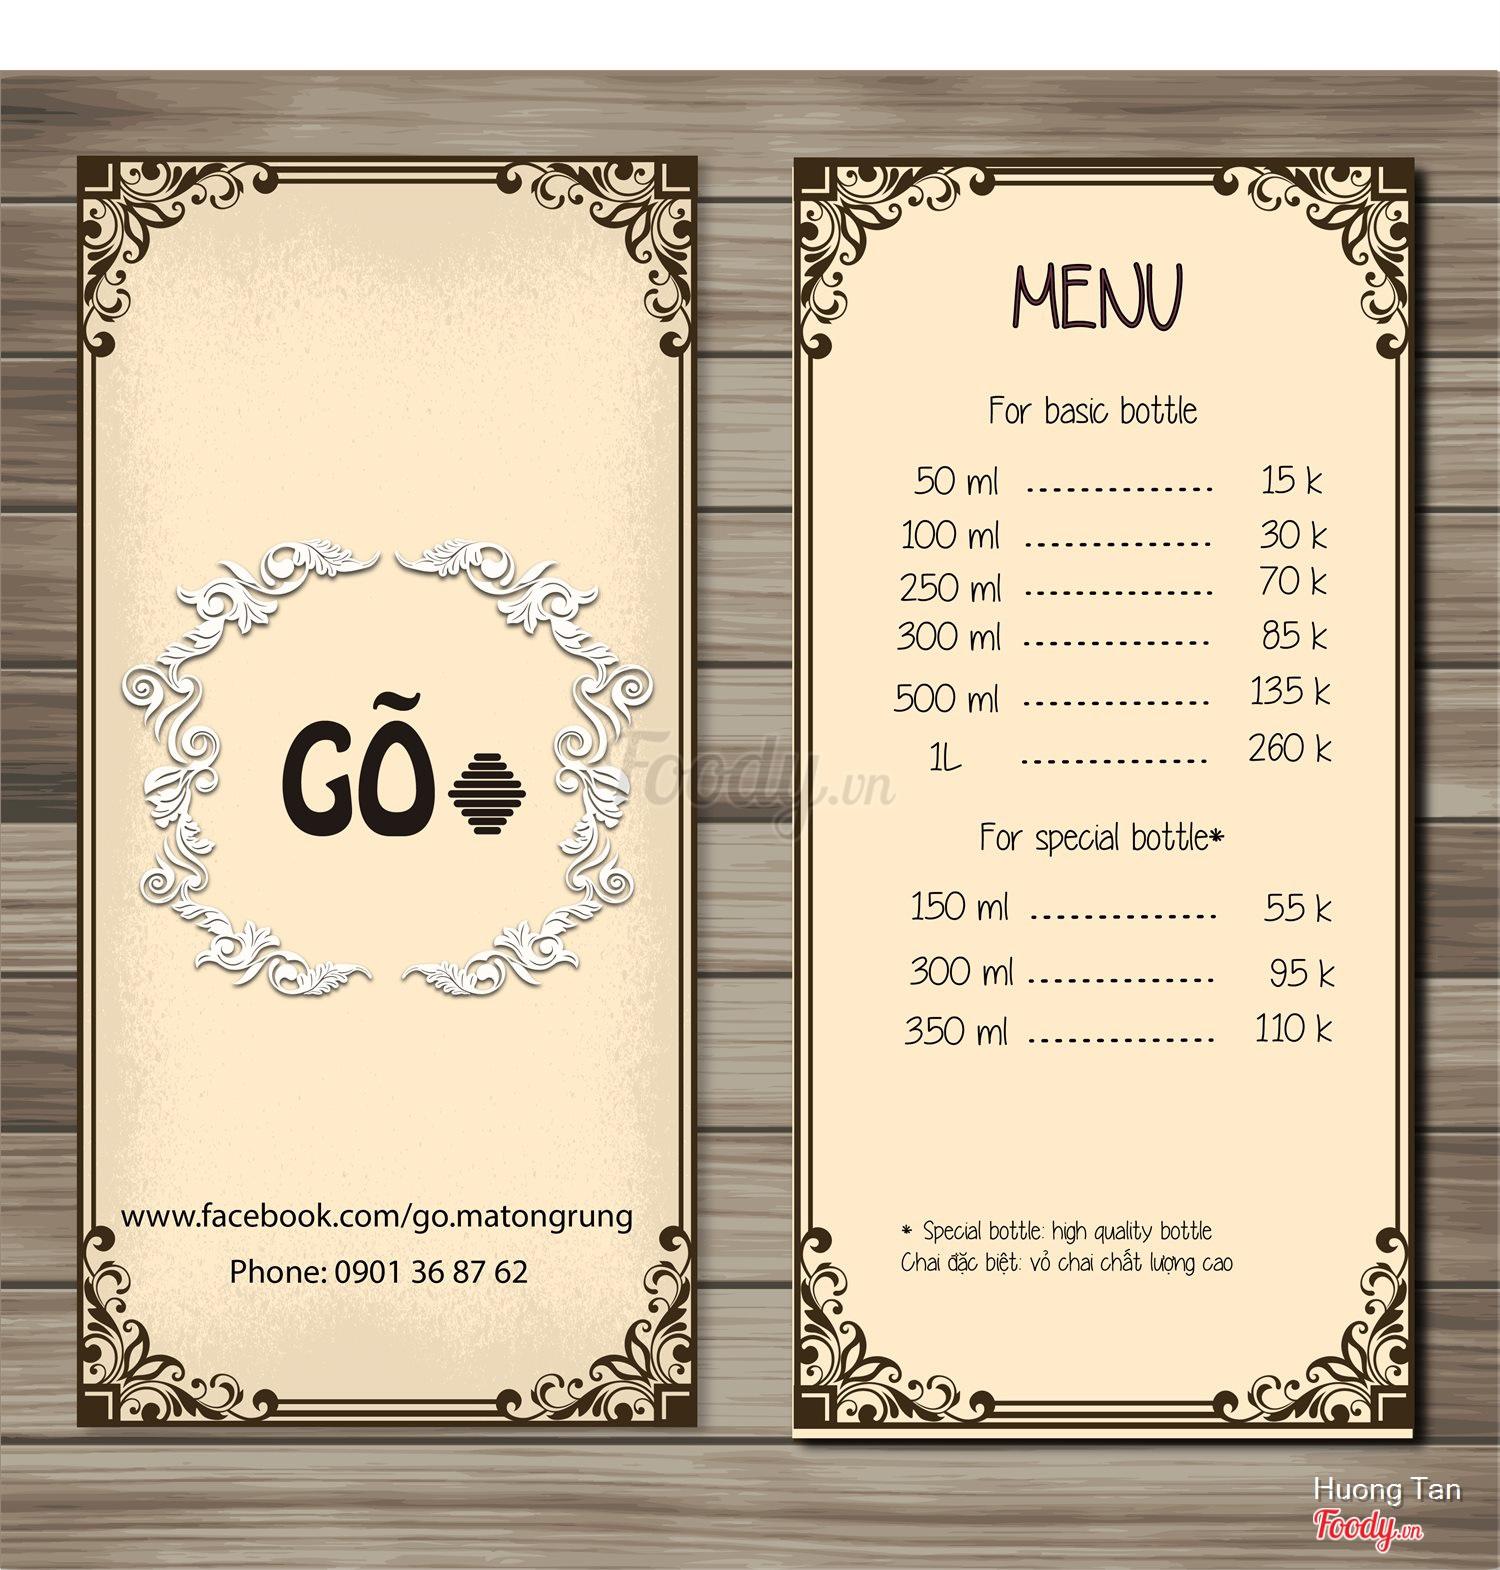 G m t ong r ng tp hcm menu th c n gi c g for Formatos y controles para restaurantes gratis